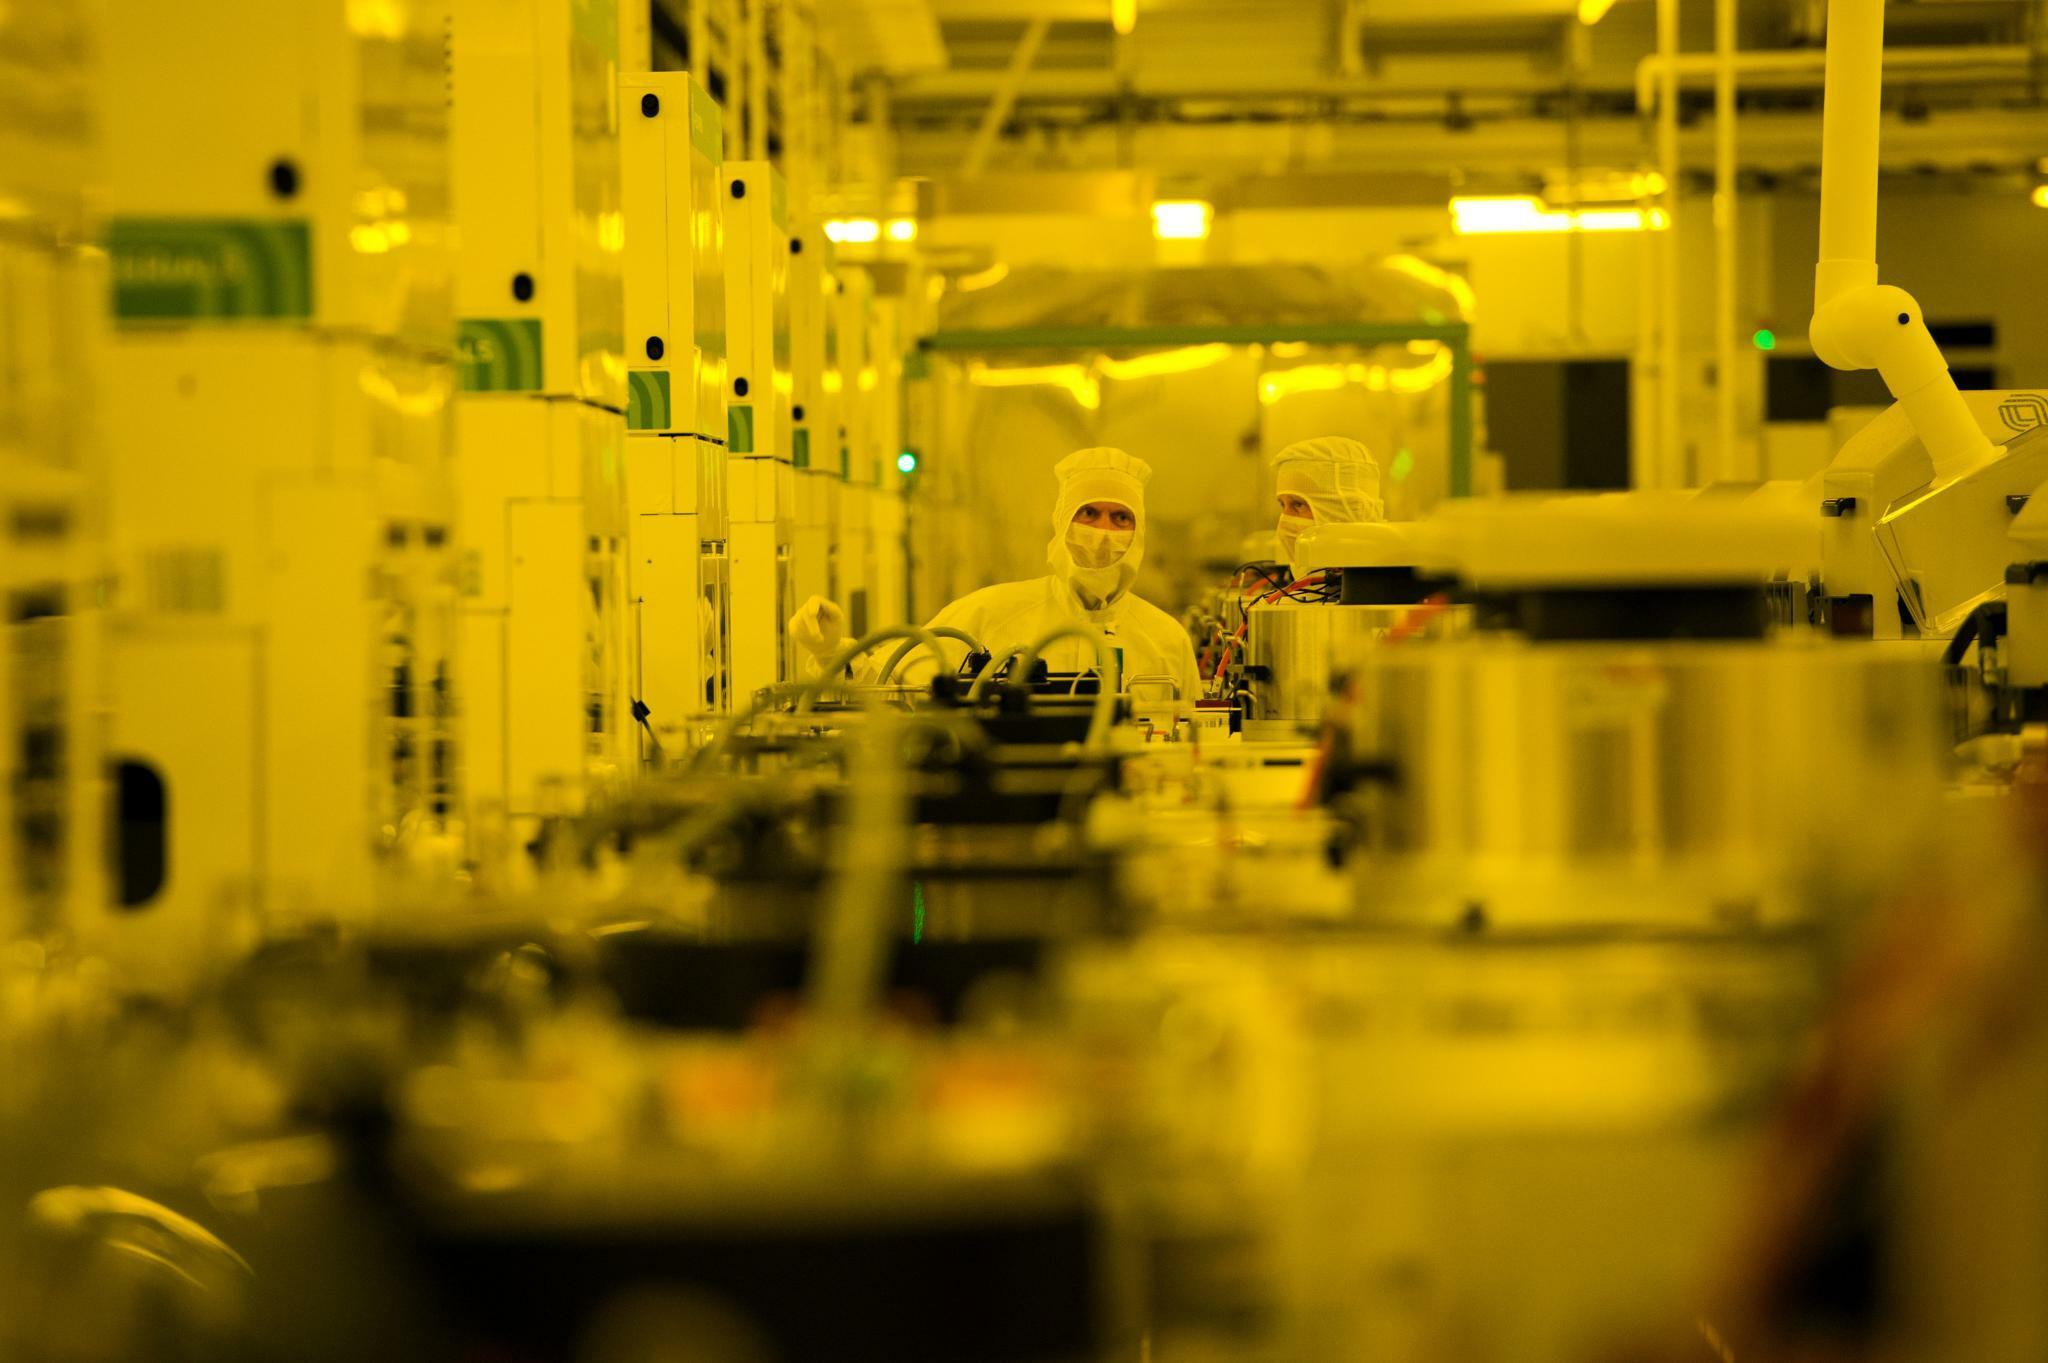 Chiphersteller Globalfoundries will in Dresden kräftig investieren